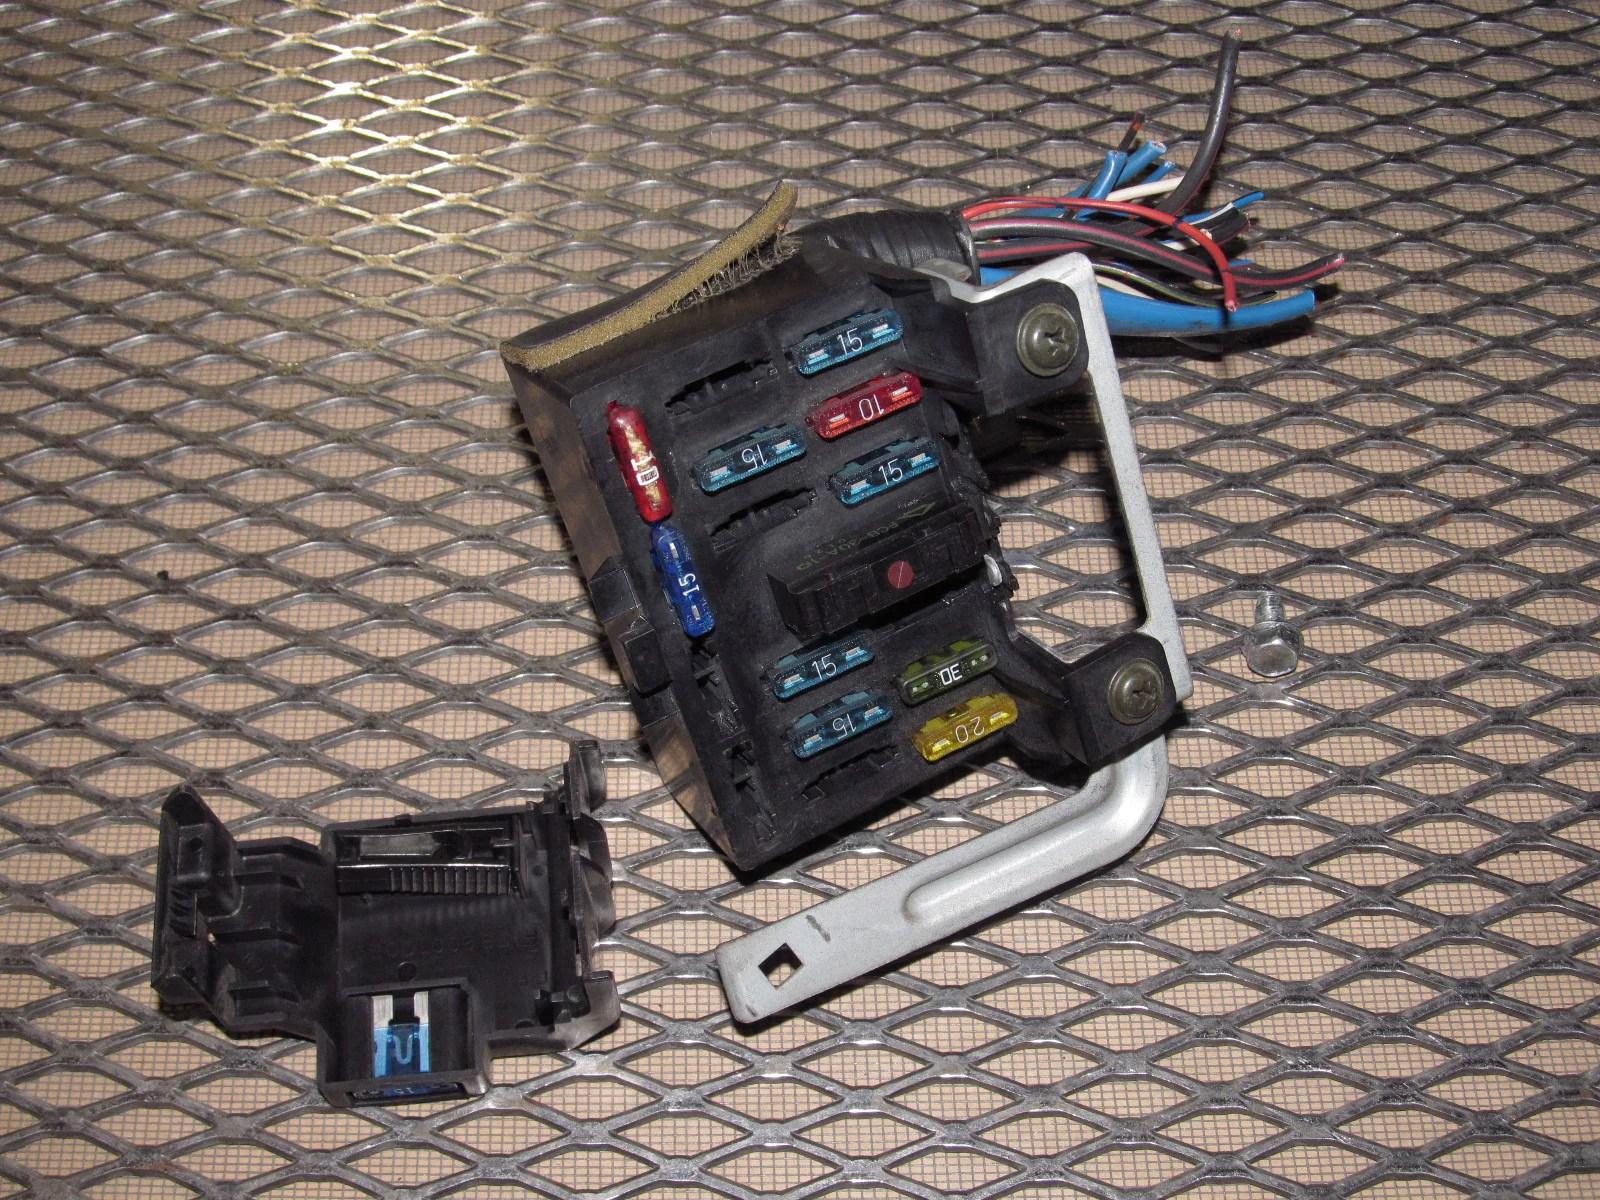 hight resolution of 90 91 92 93 mazda miata oem interior fuse box autopartone com rh autopartone com 1993